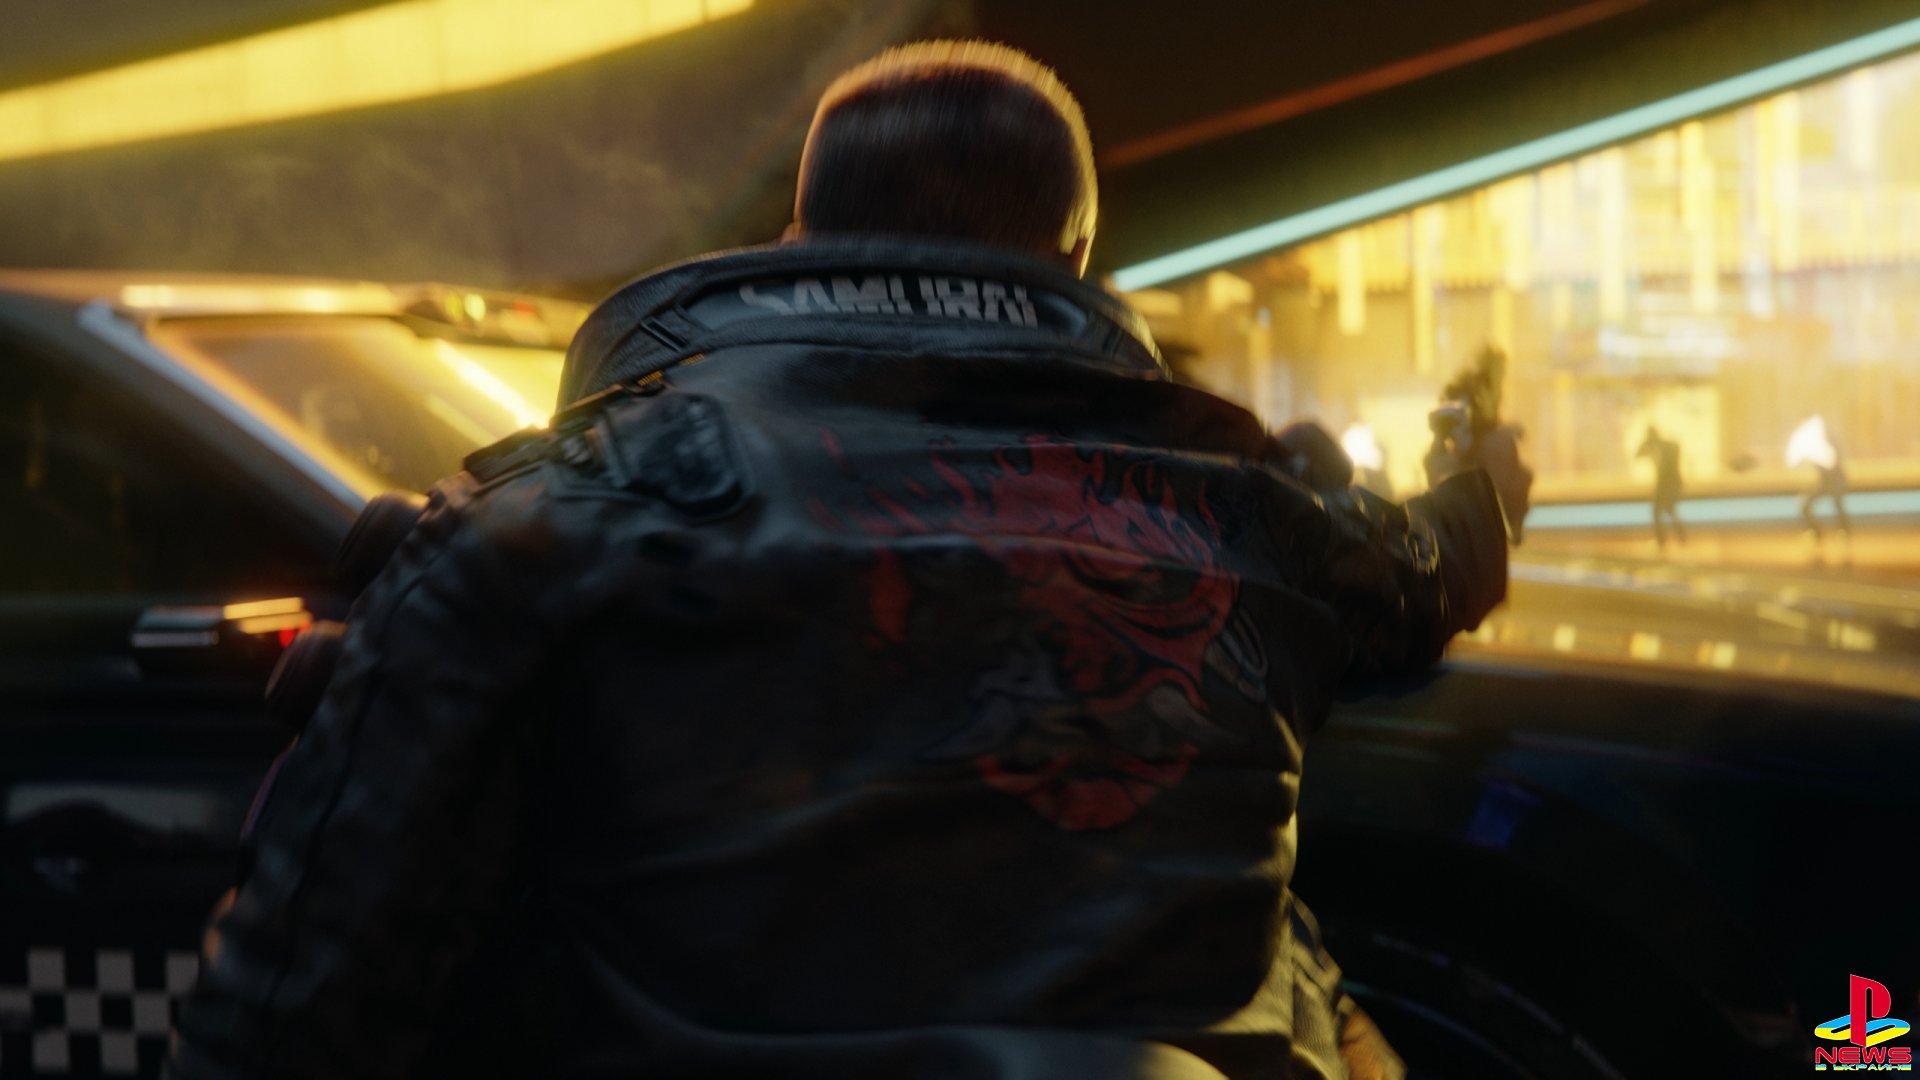 Cyberpunk 2077 ждут высокие продажи? Аналитики составили прогноз на ближайшие годы